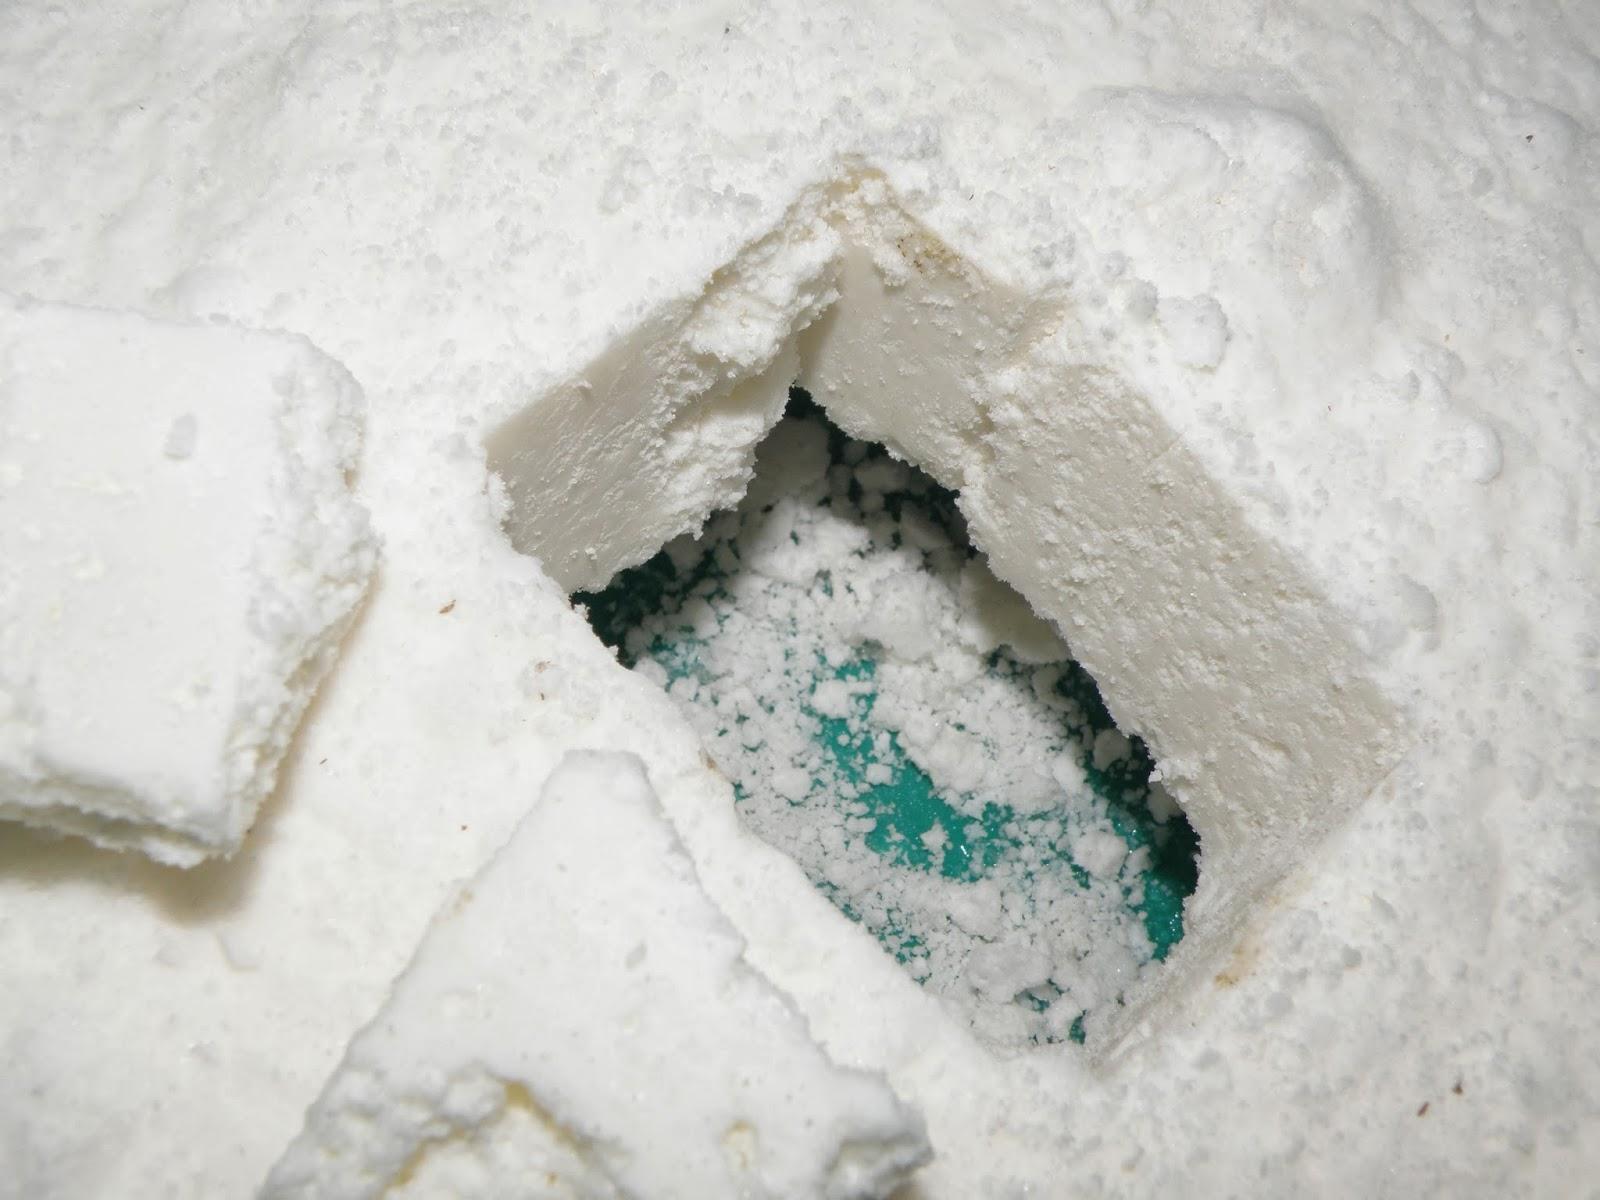 Despierta tu lado natural reciclar aceite 3 jab n en - Jabon natural para lavadora ...